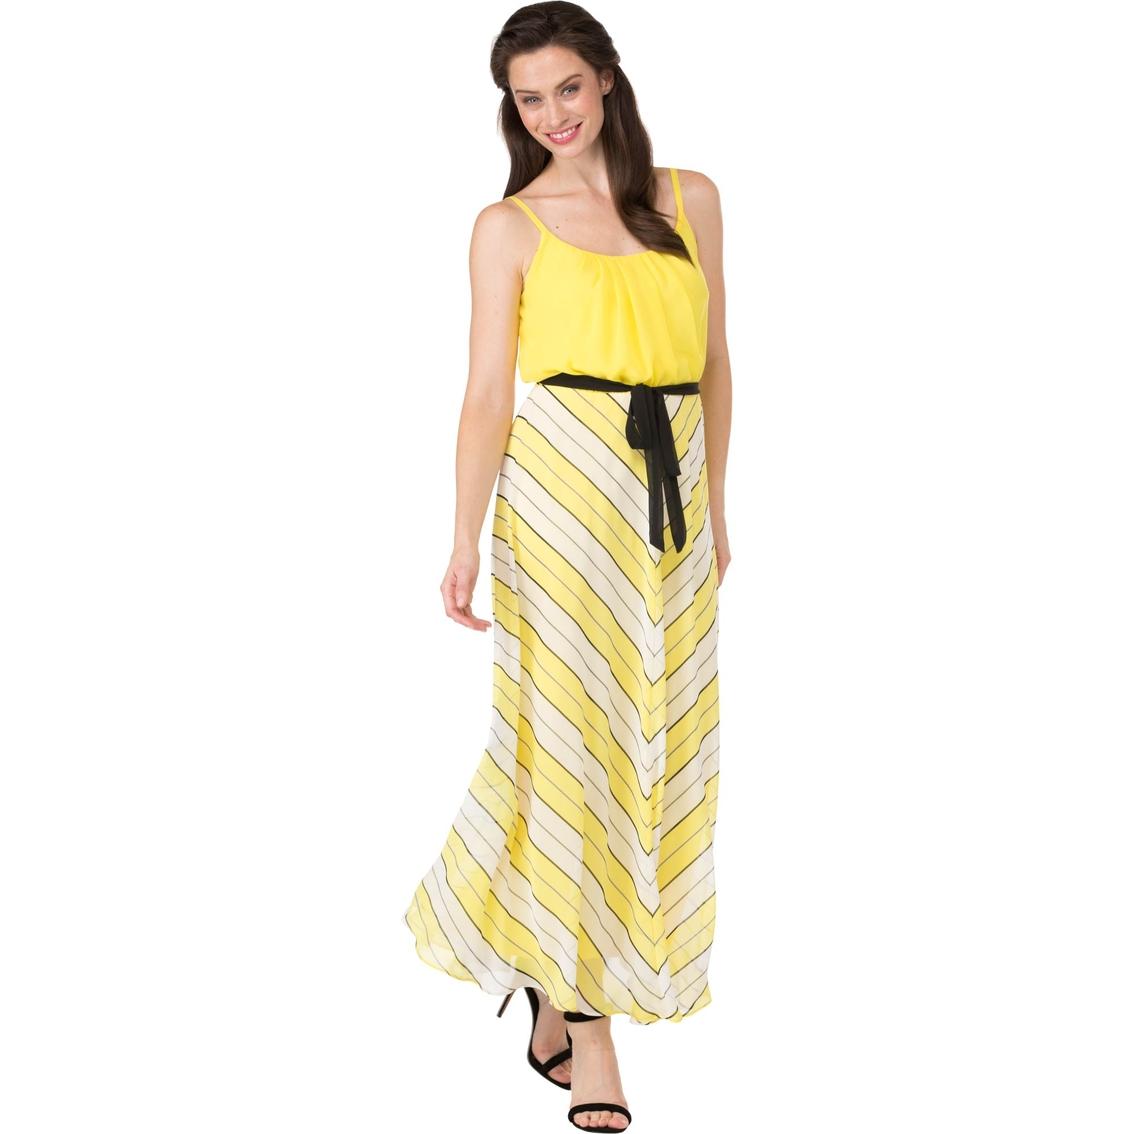 a0b656d986c5 Robbie Bee Solid Top Mitered Stripe Skirt Chiffon Maxi Dress ...